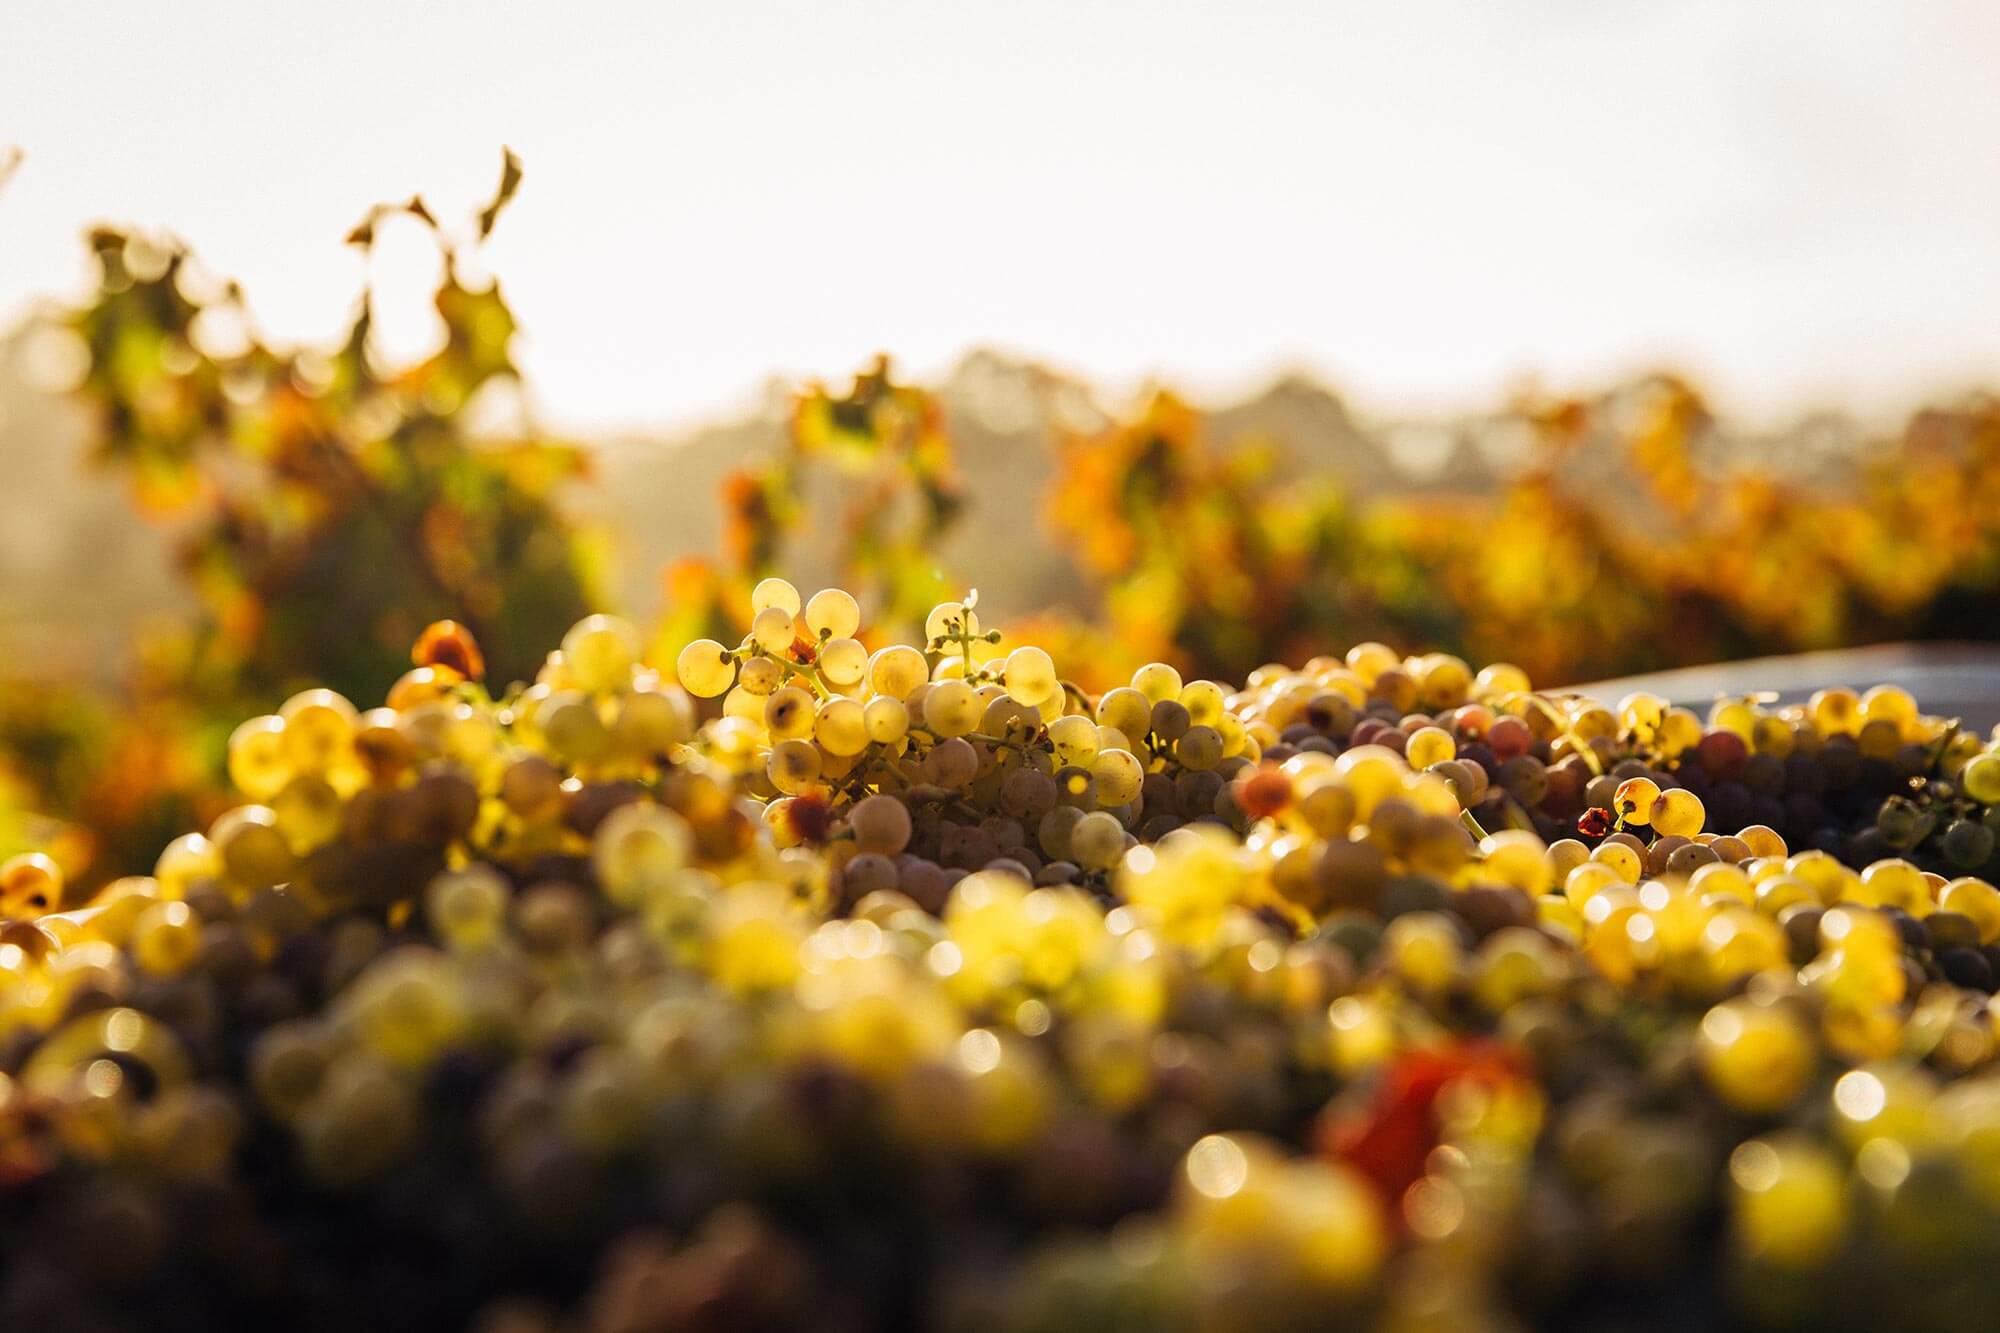 Gros plan sur des pieds de vignes